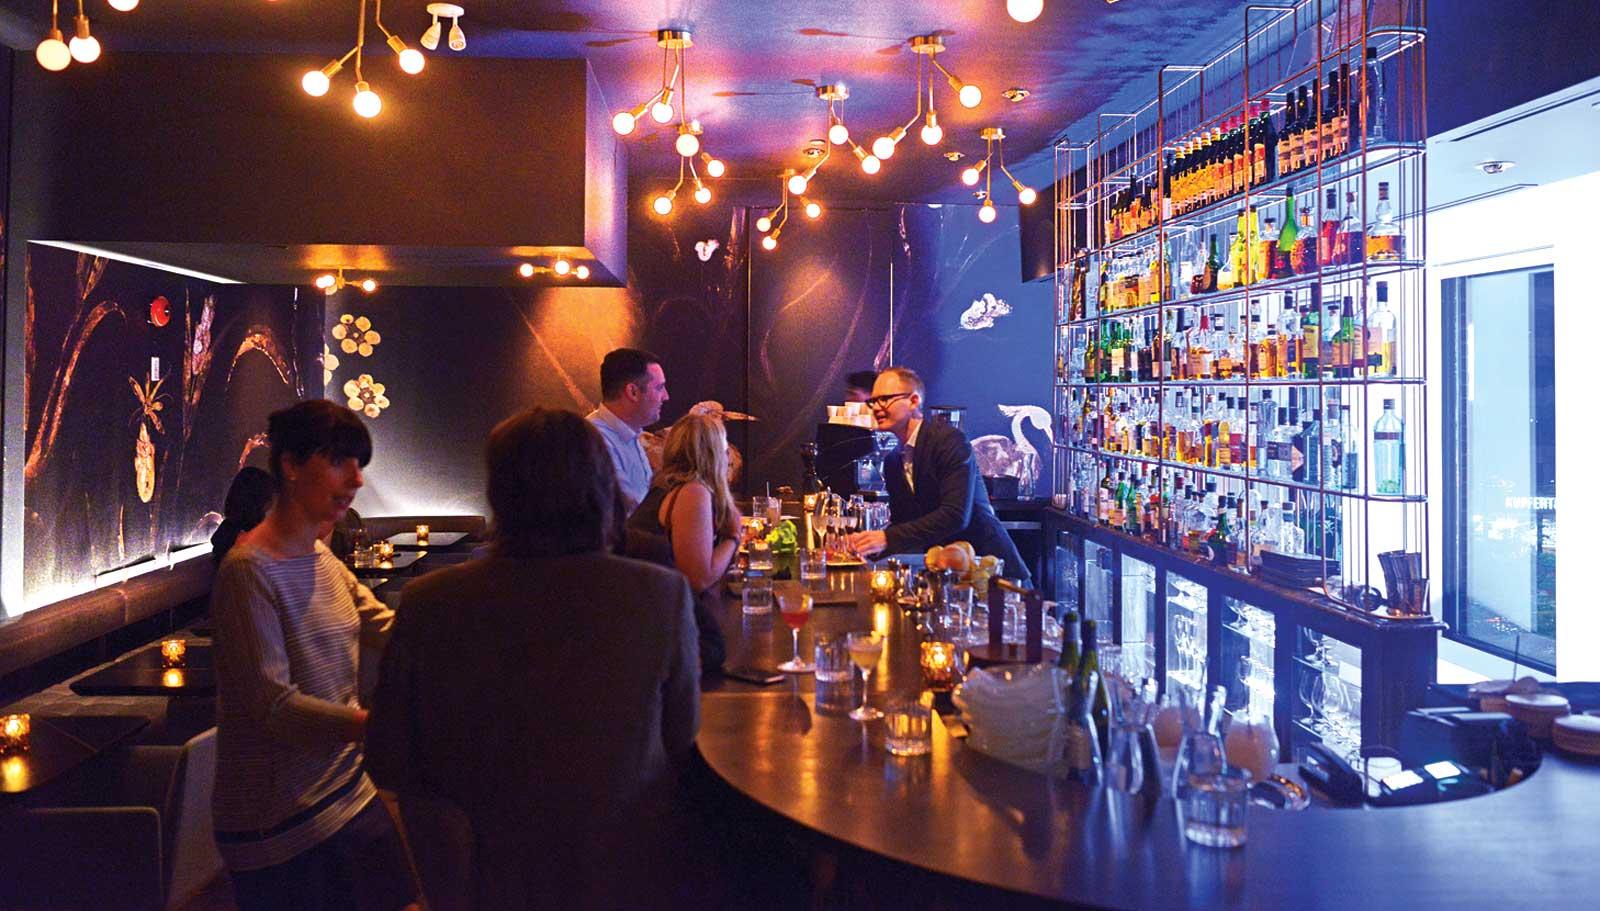 The Alo Bar